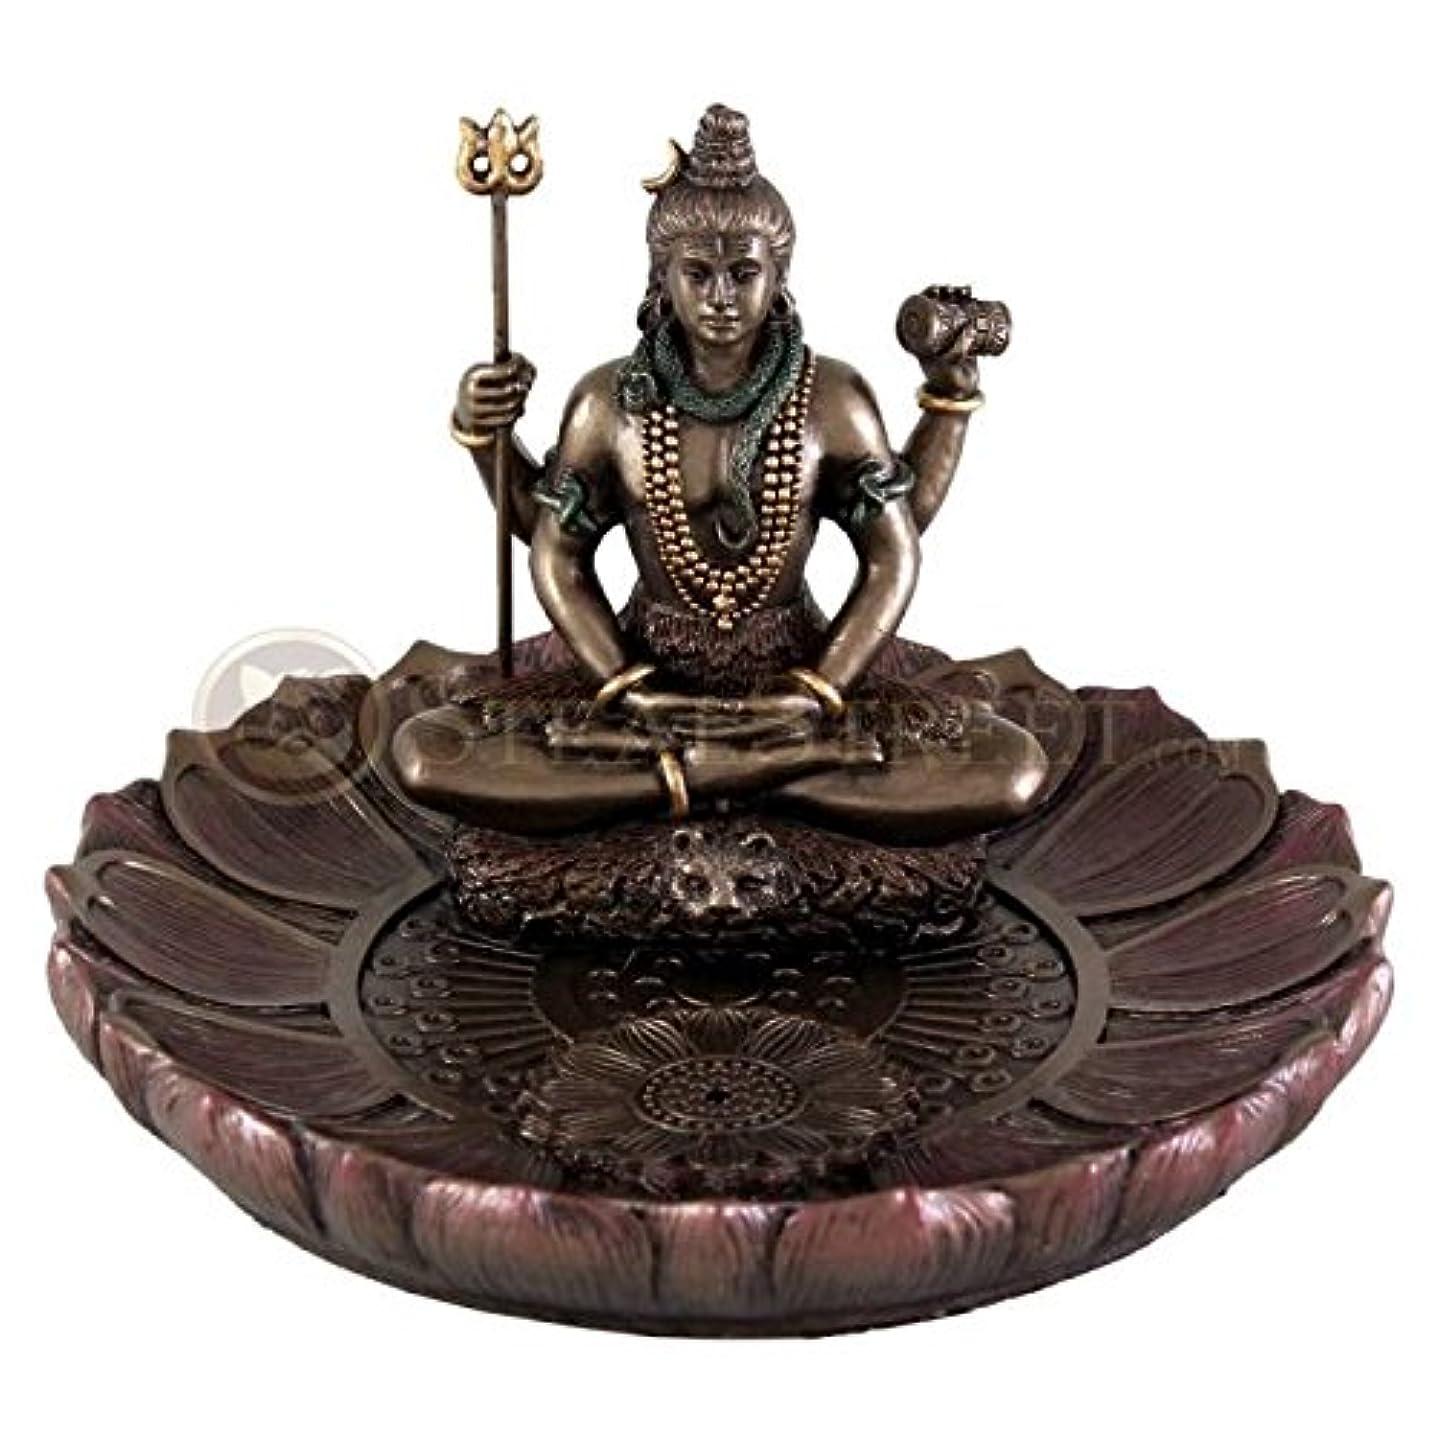 先に出費真珠のようなHindu God Shiva in Meditation Round Incense Holder Plate Incense Burner by Top Collection